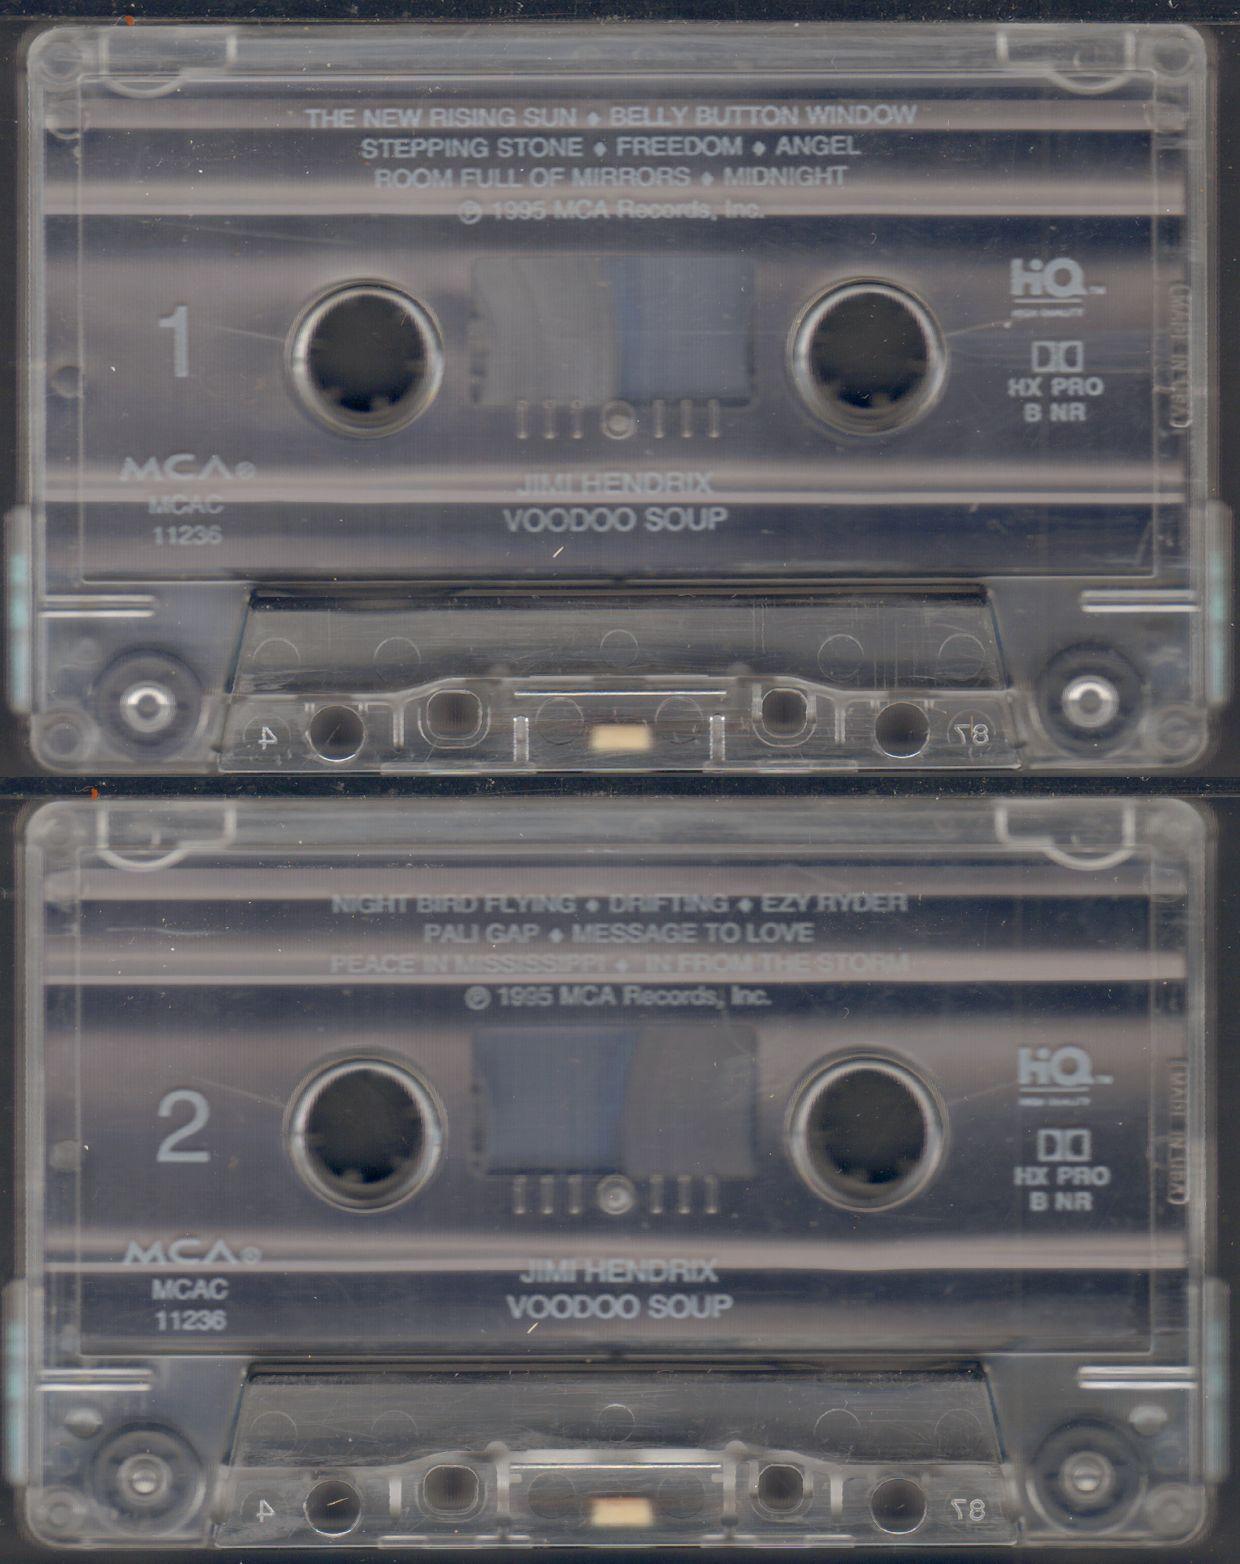 Voodoo Soup (1995) 1995VoodooSoupK7TapeMCA-MCAC11236